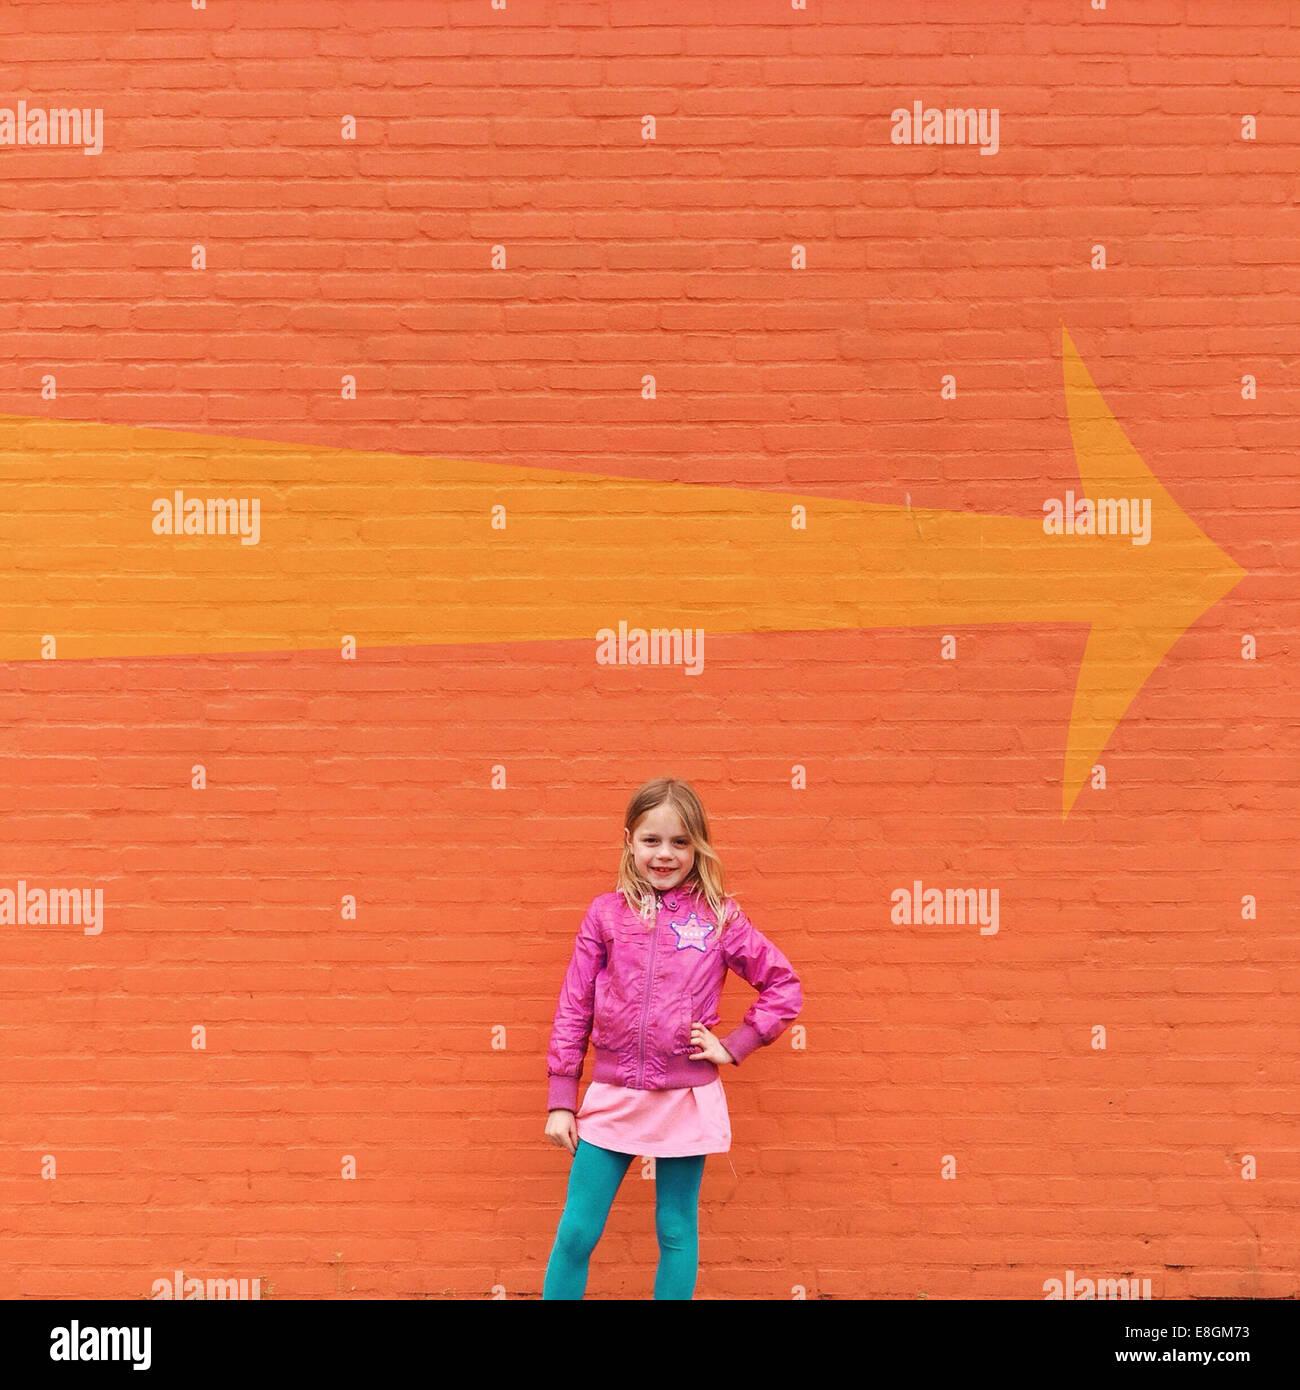 Chica de pie delante de la pared naranja y una flecha direccional Foto de stock